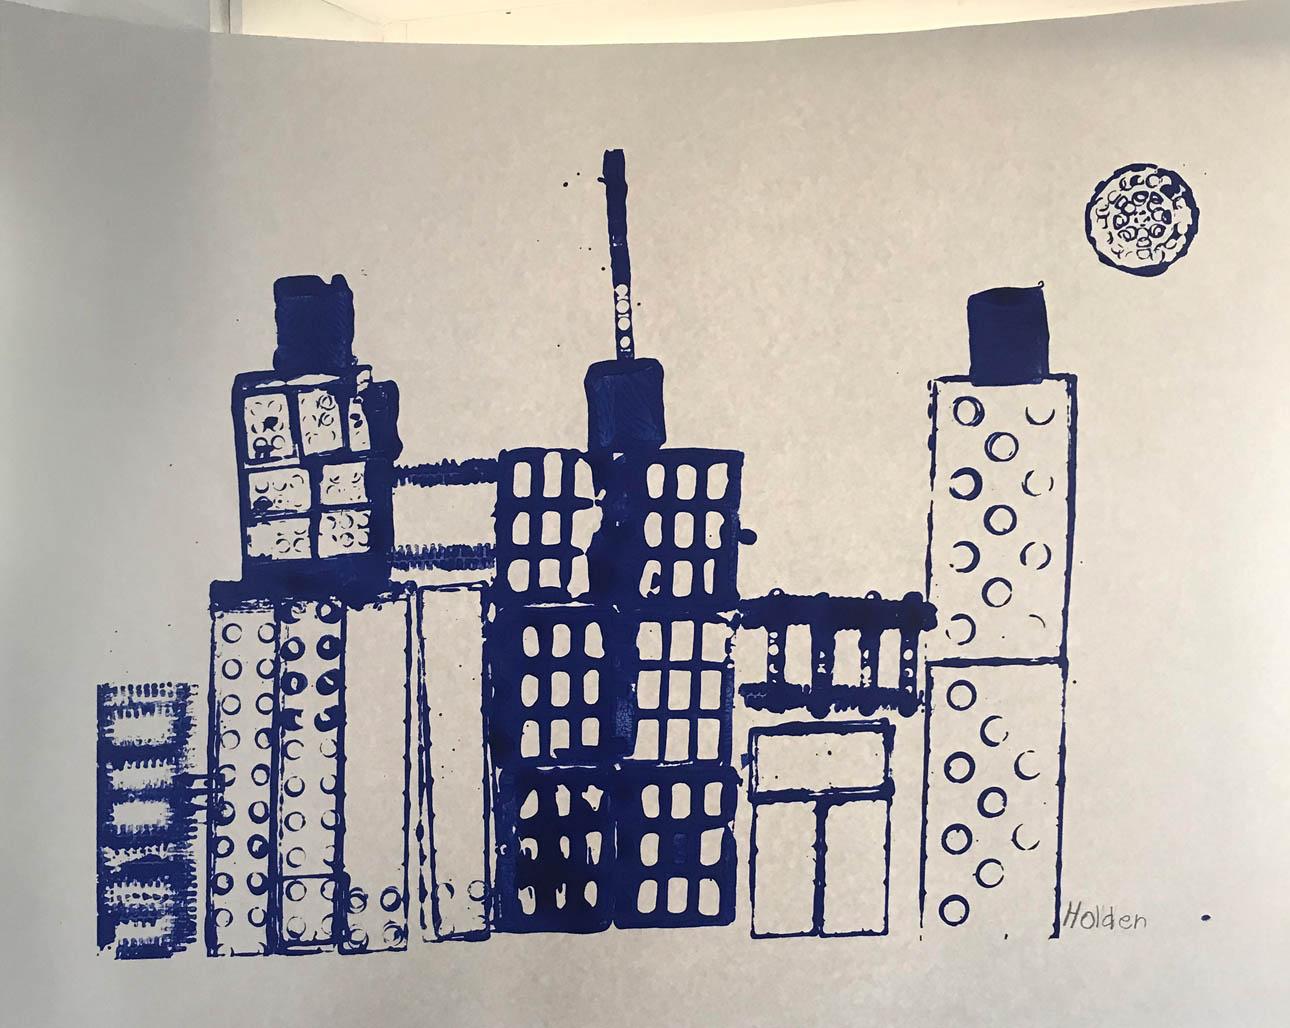 City of Sky Scrapers